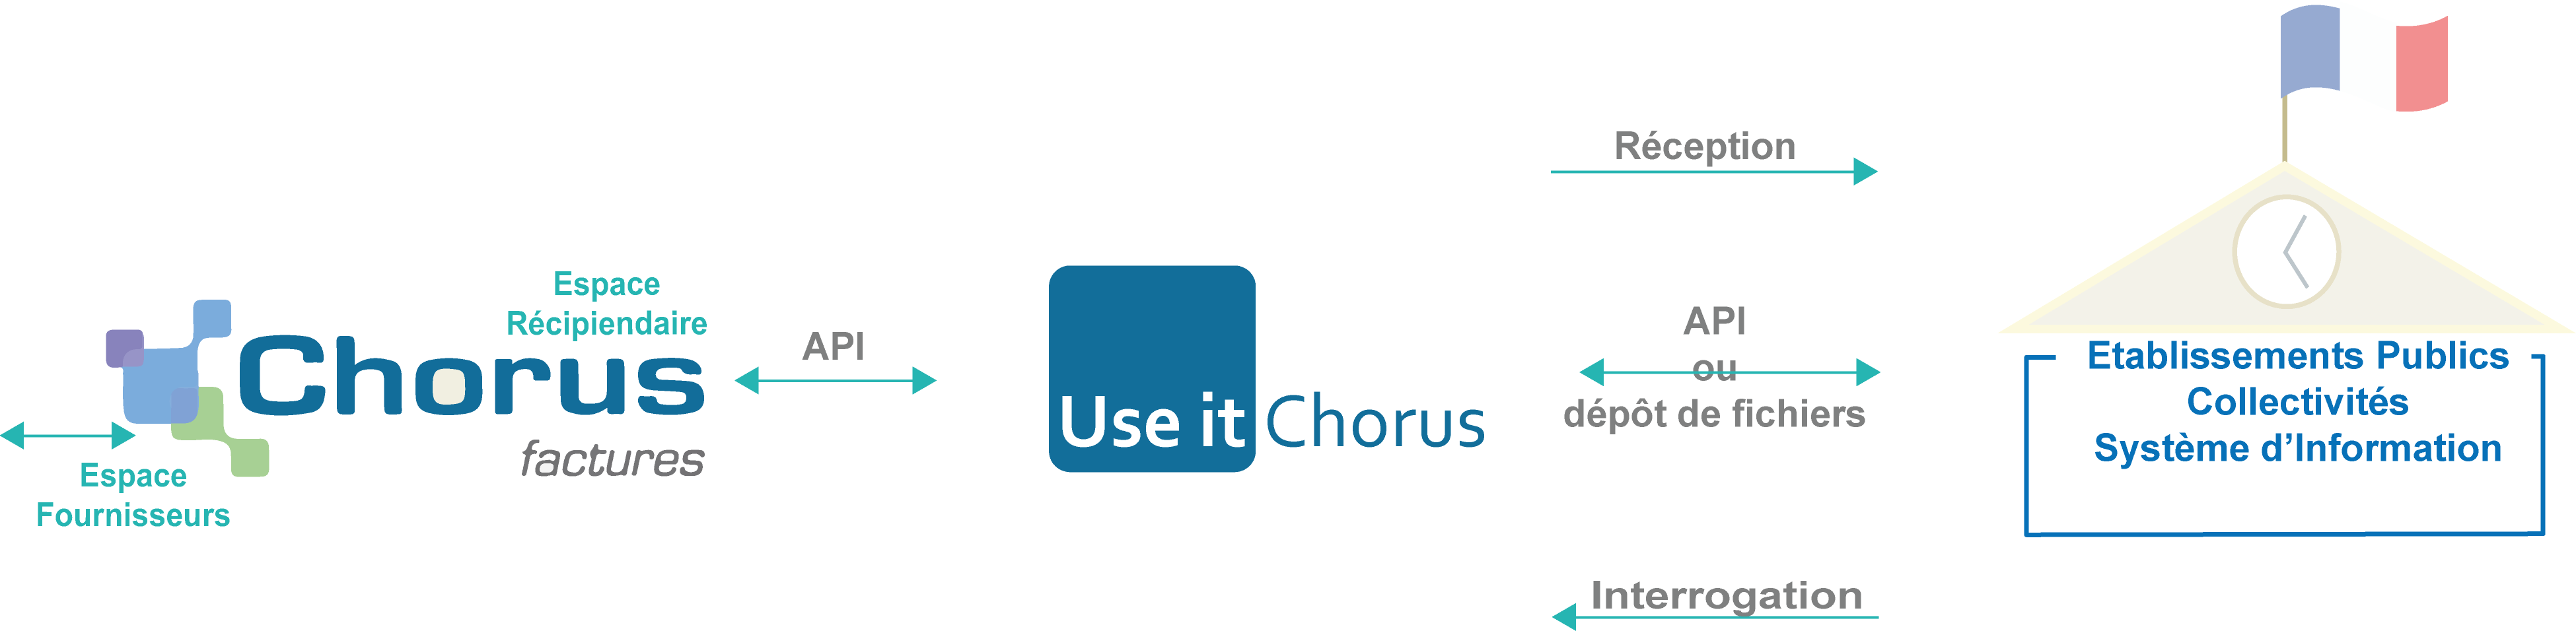 Echanges factures Chorus Pro pour les entités publiques Santé